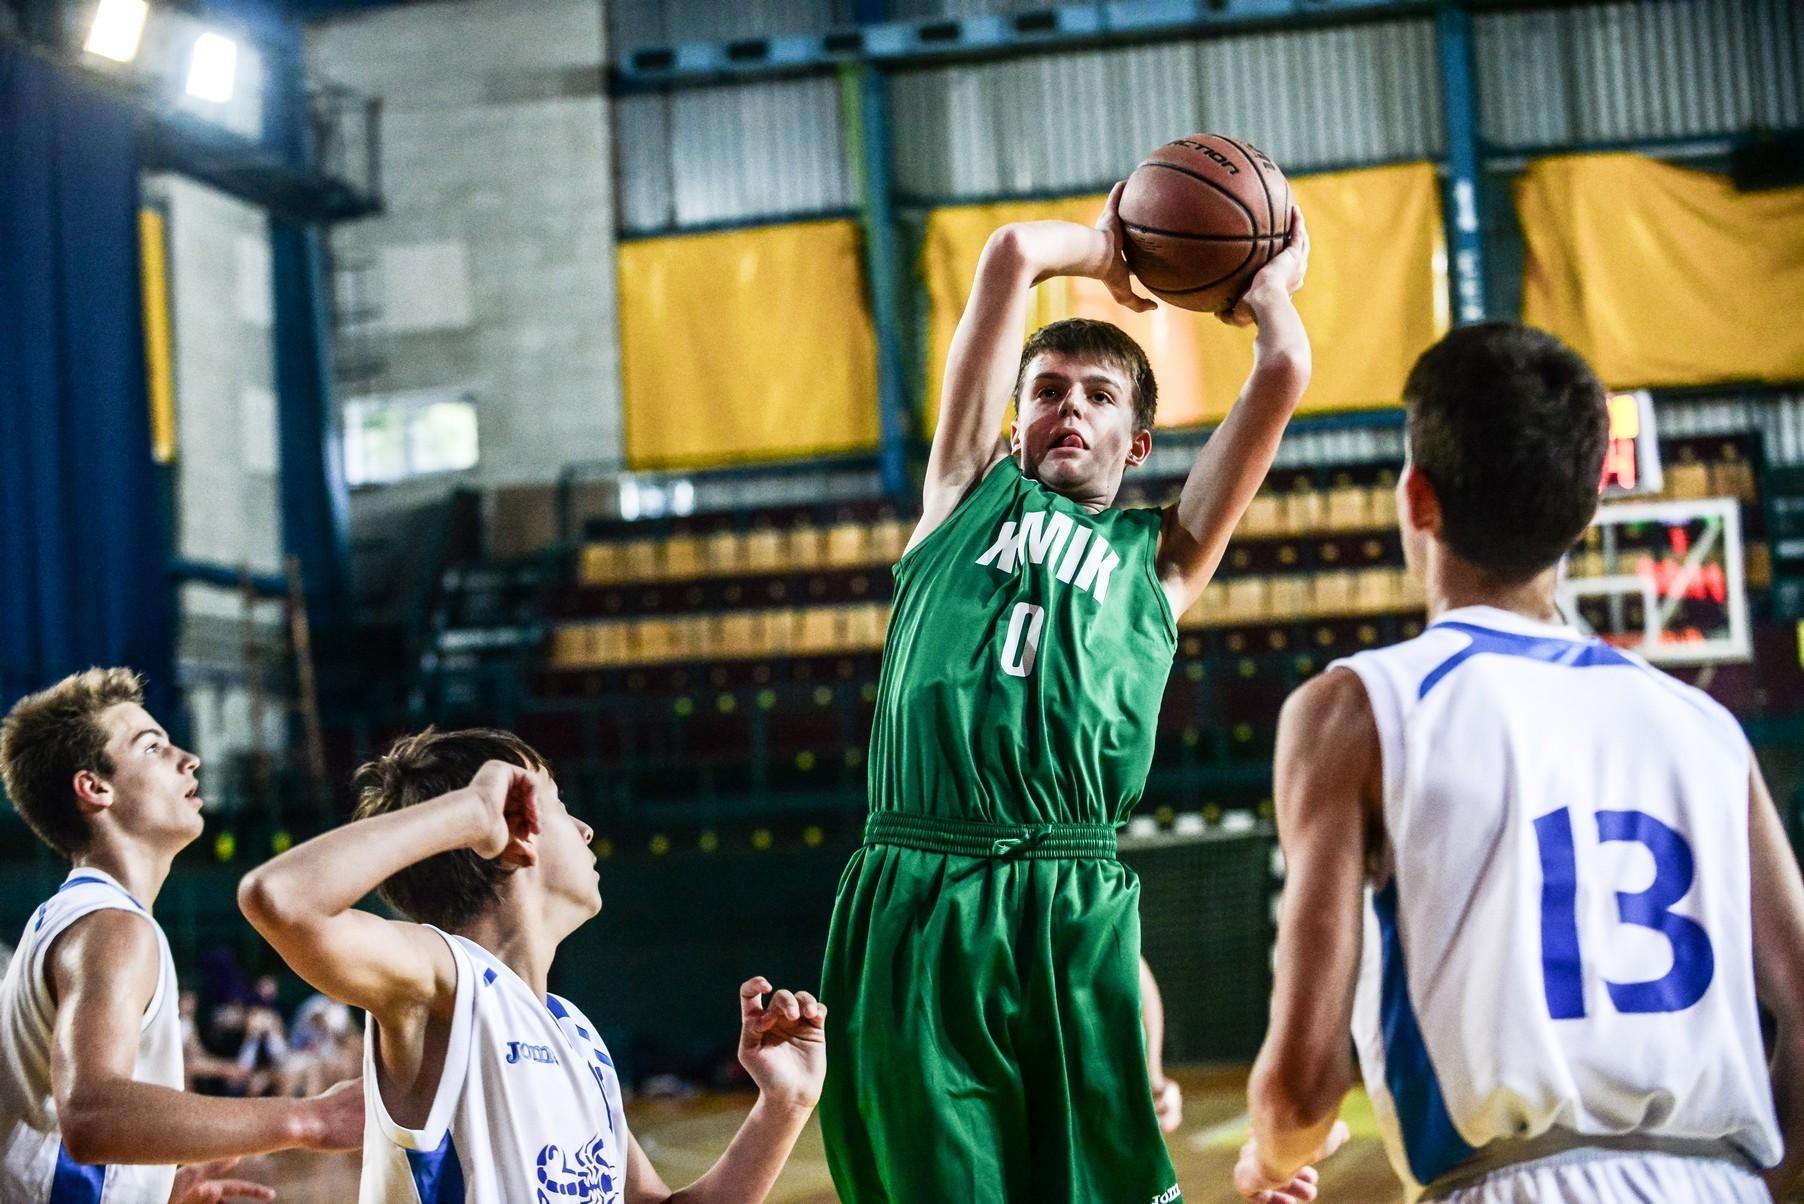 Валентин Мельничук: як захиститися від кидків здалеку